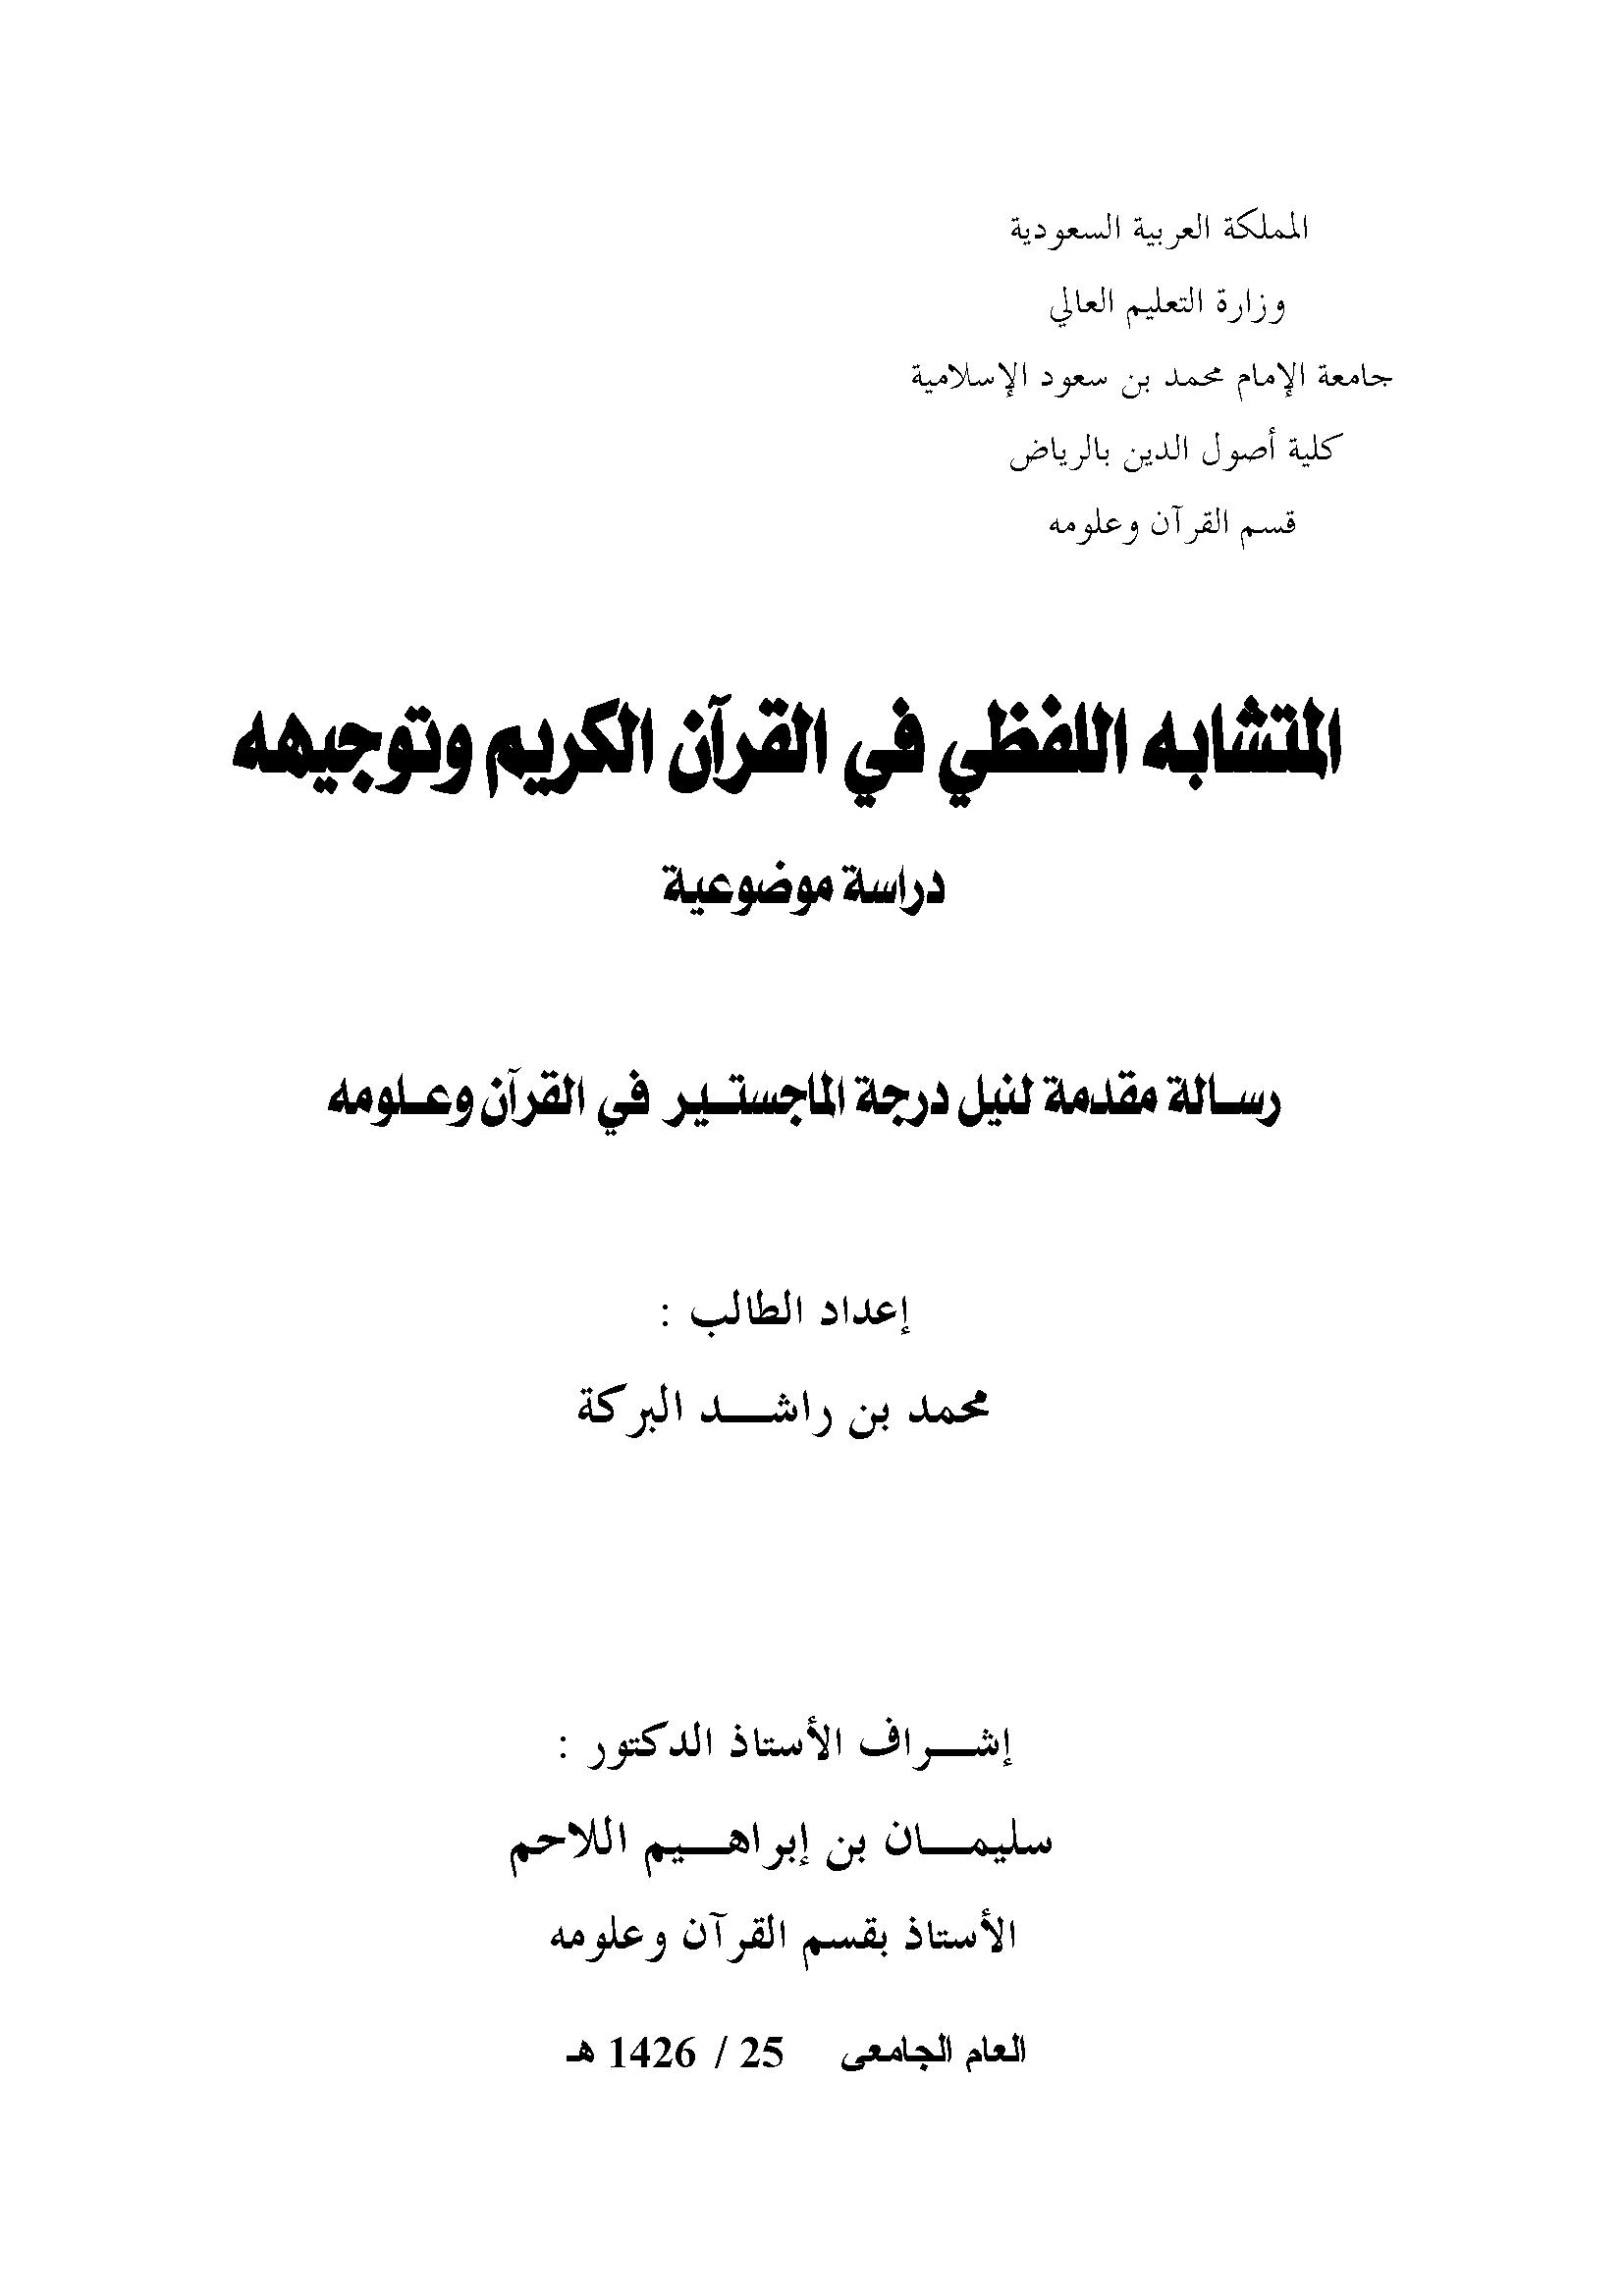 تحميل كتاب المتشابه اللفظي في القرآن الكريم وتوجيهه (دراسة موضوعية) لـِ: الدكتور محمد بن راشد البركة